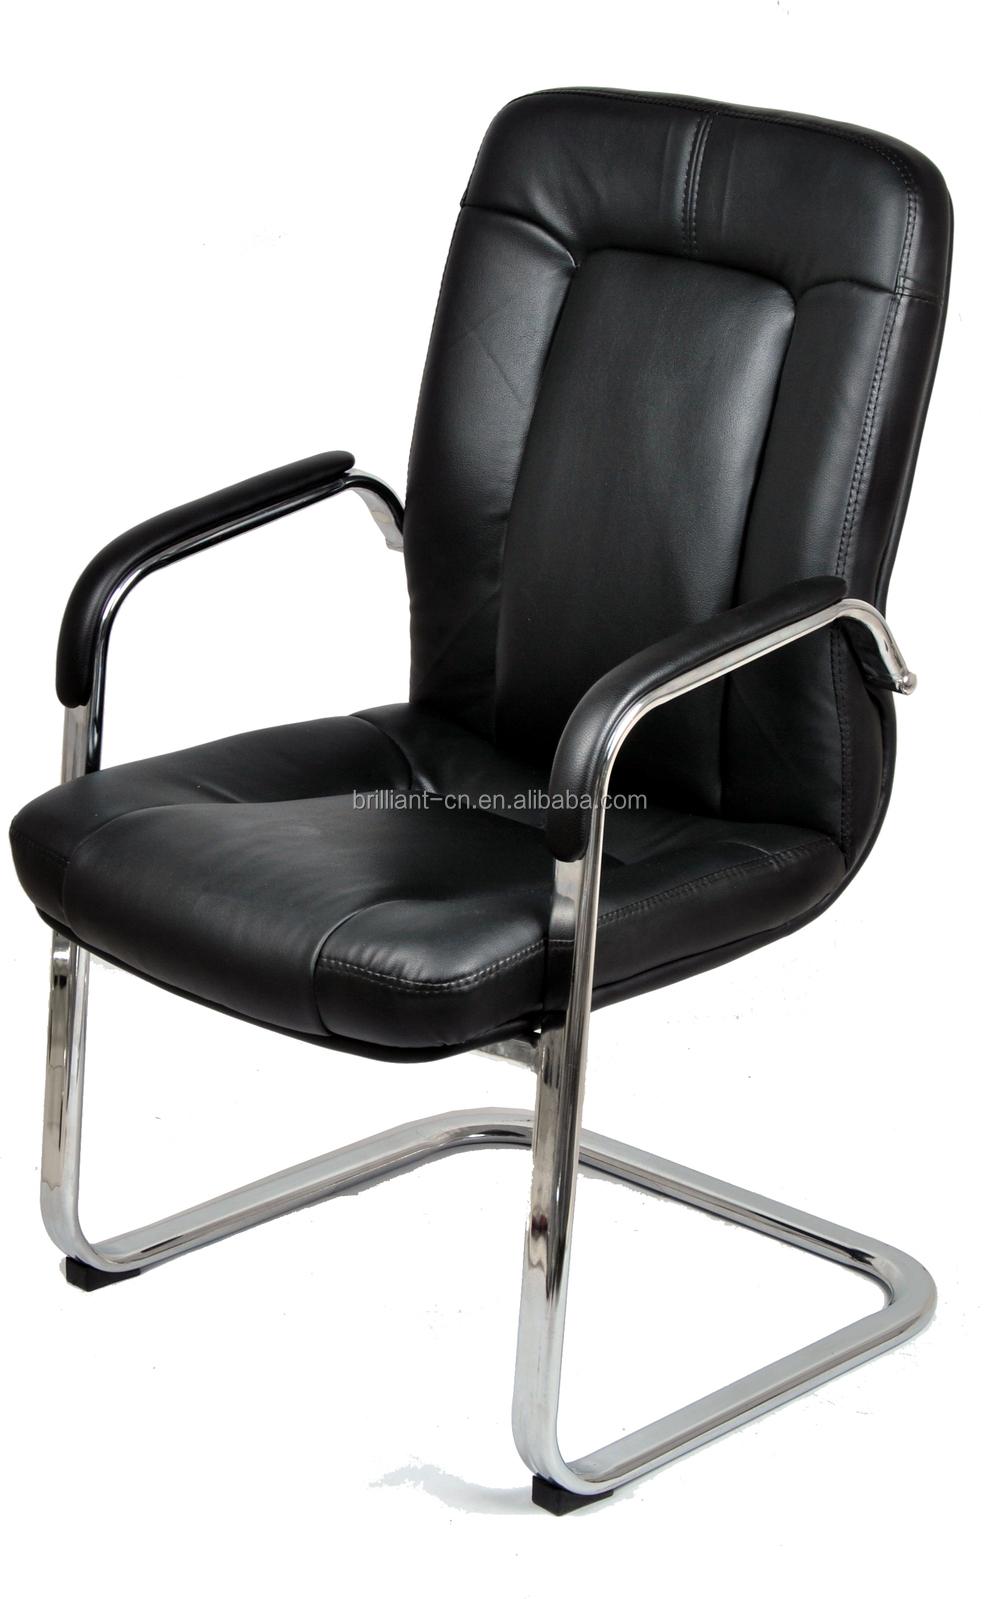 Recaro chaise de bureau air canap en cuir chaise int rieure meubles en cuir so baroque dossier - Chaise de bureau baroque ...